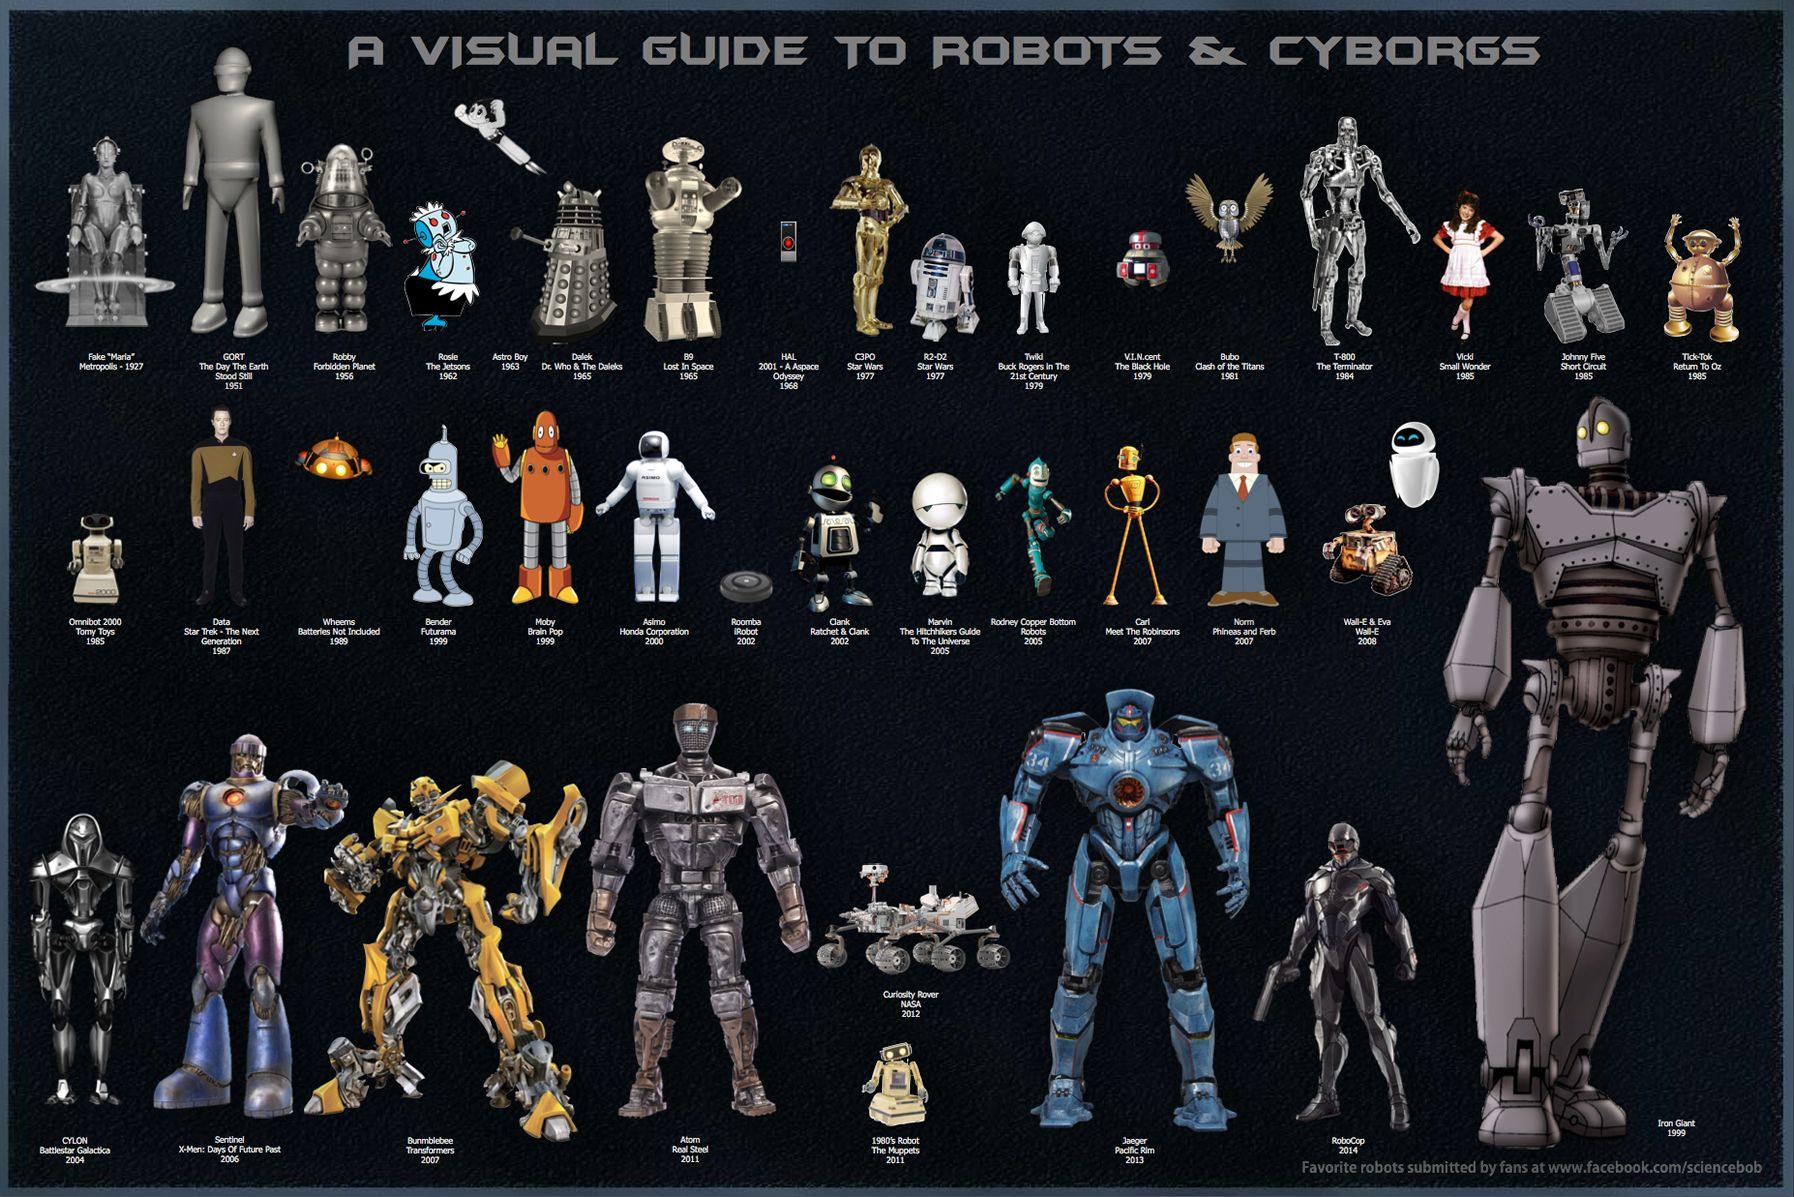 """El """"Science Bob´s Blog"""" (""""Blog de Ciencia de Bob"""") ha creado una interesante guía de robots y cyborgs, con la intención de tenerlos bien identificados. ¿Quién no quiso tener su propio robot cuando ..."""